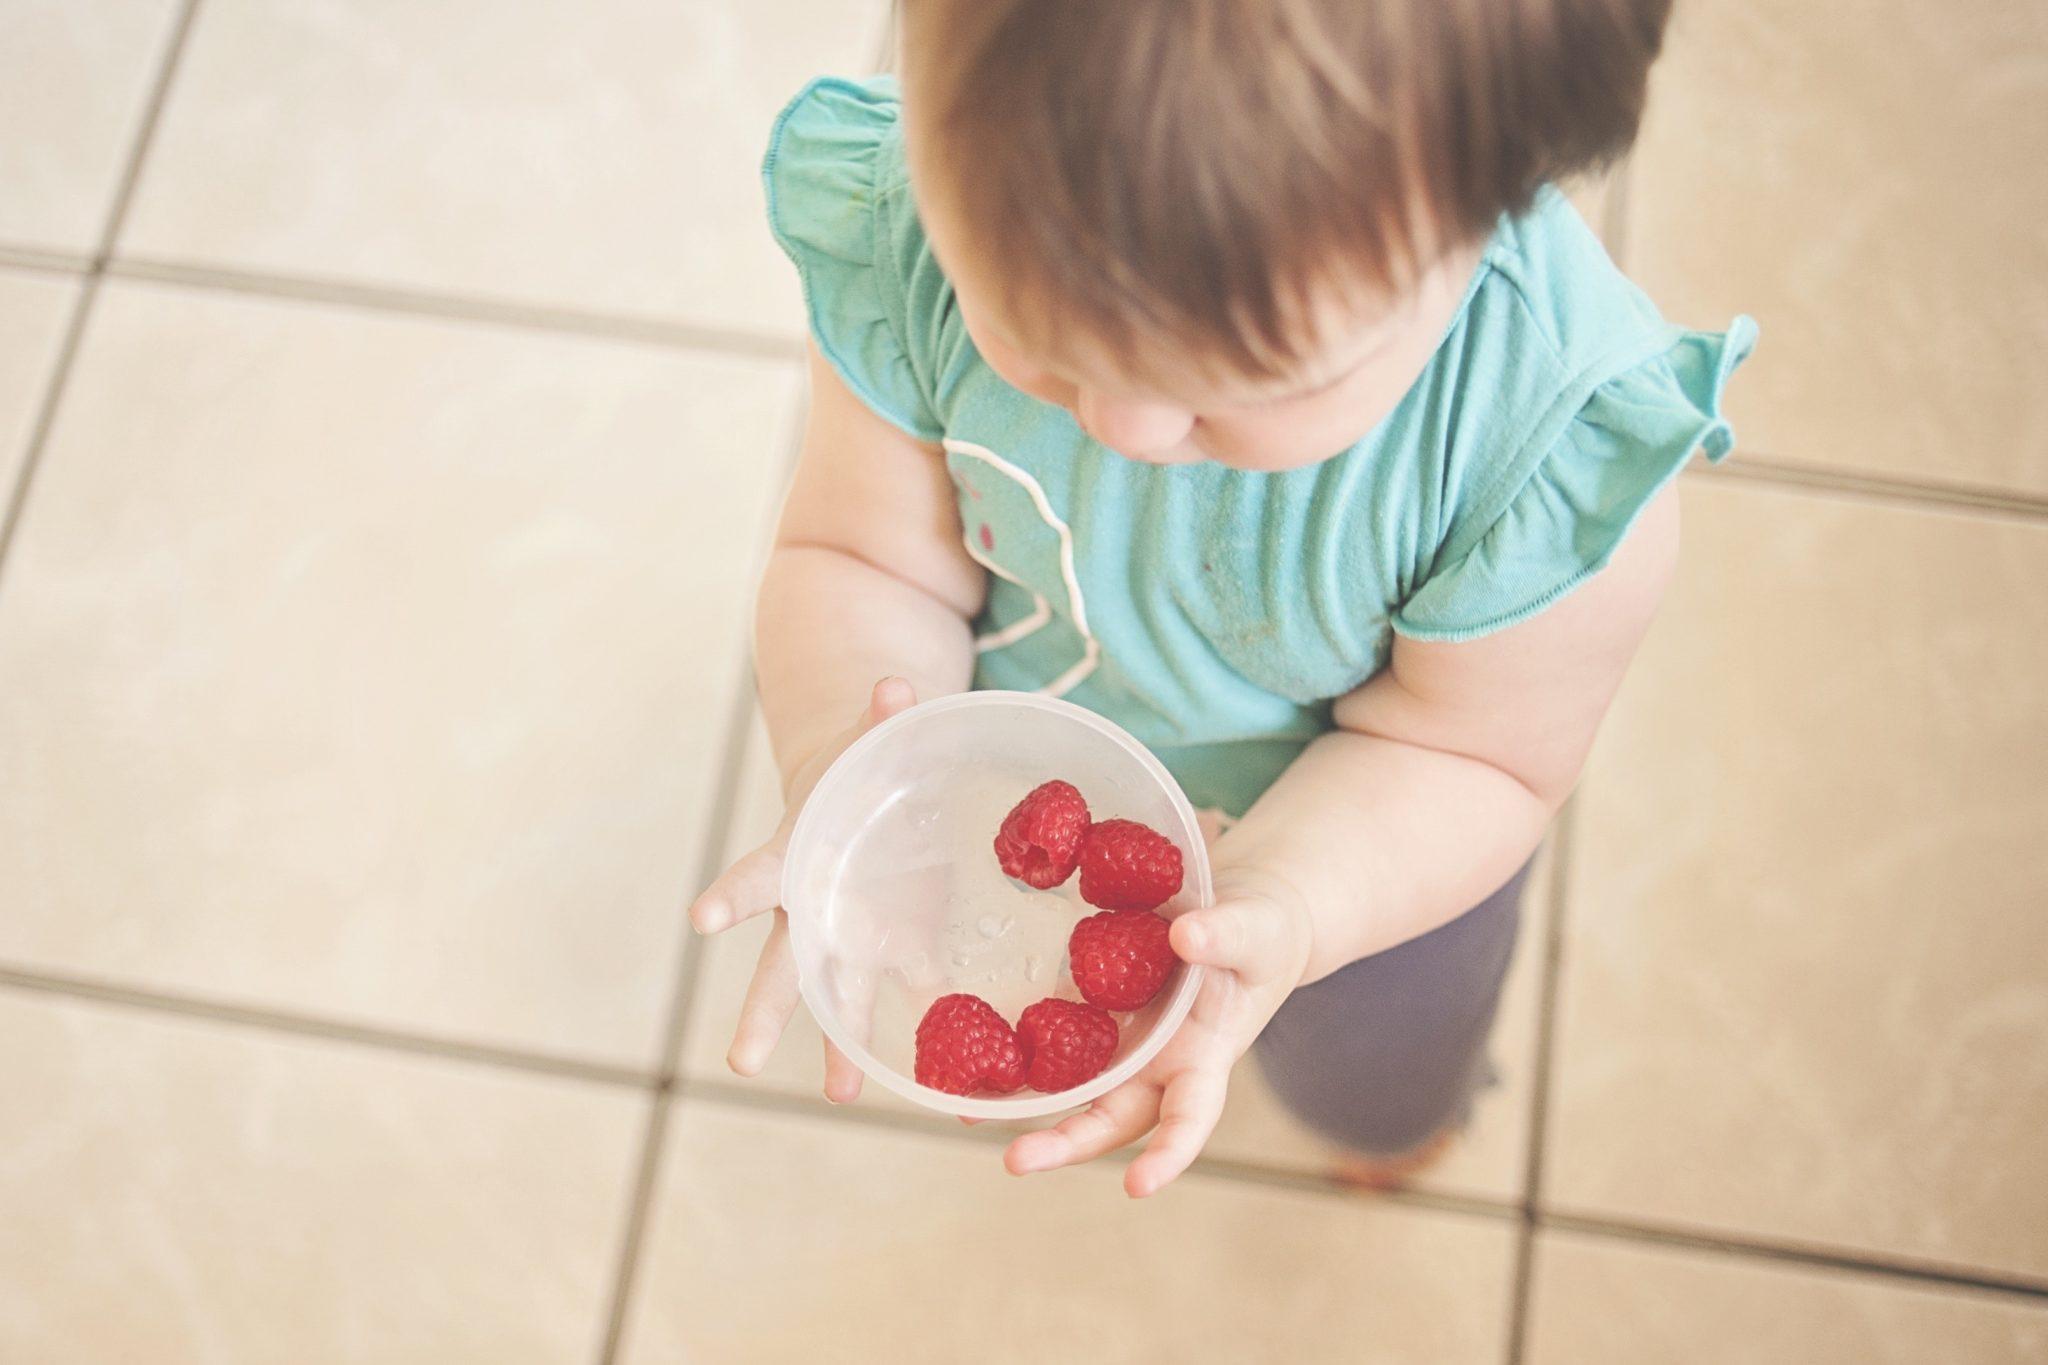 Наццентр общественного здравоохранения: Ешьте больше фруктов и овощей